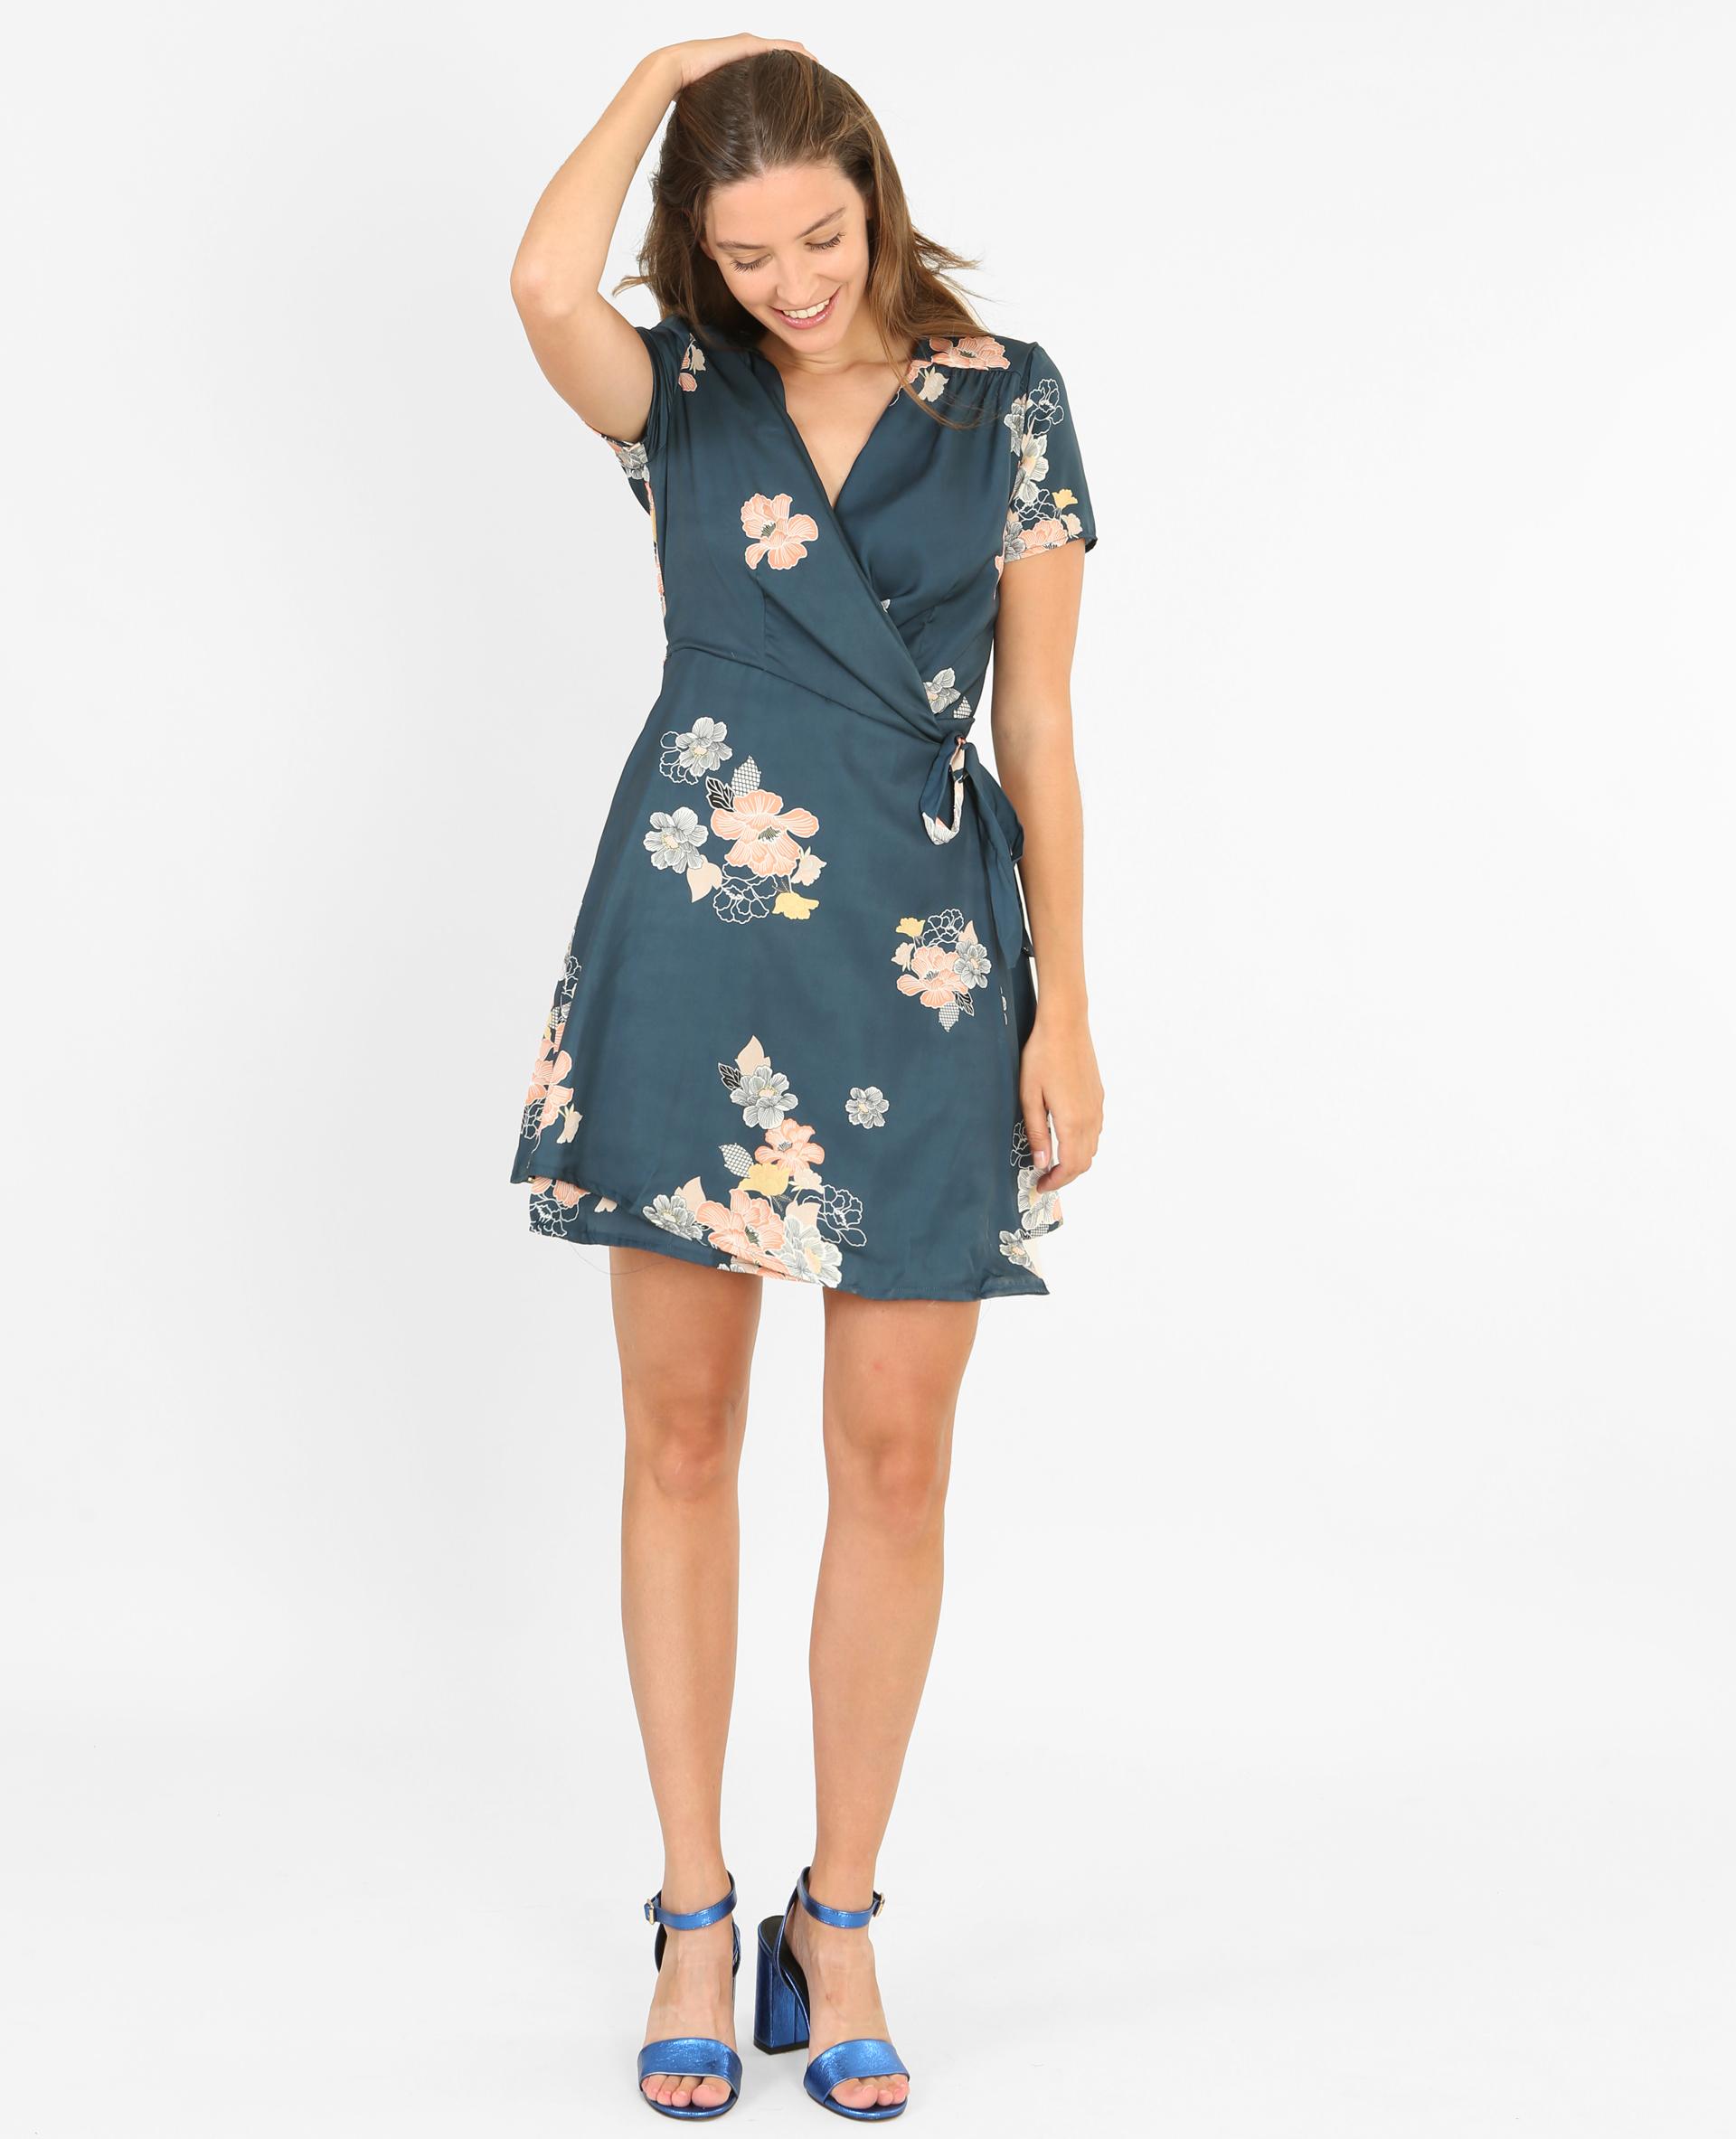 82609ed1121374 Такі моделі, пошиті з однотонних матеріалів, прикрасять як повсякденний  гардероб, так і офісний. Це відмінний варіант сукні для струнких дівчат з  фігурою ...